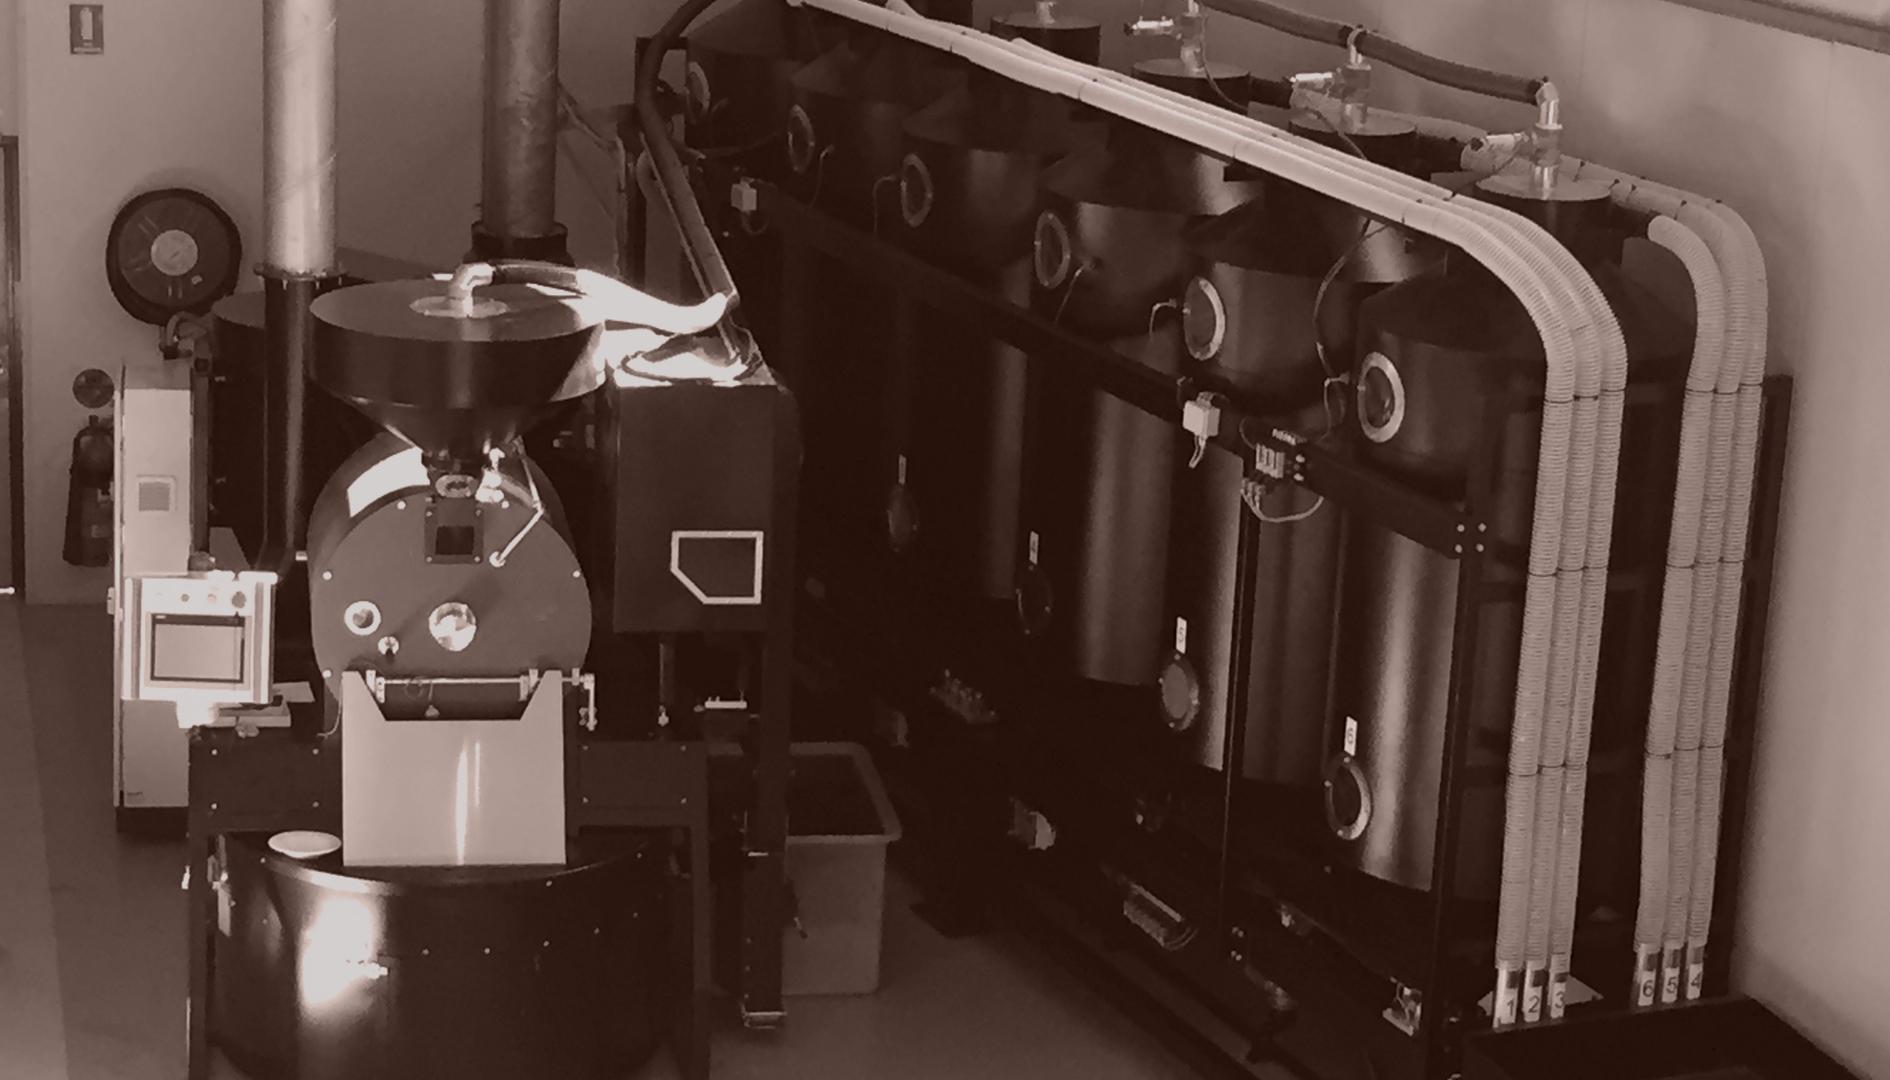 coffeeroast.jpg